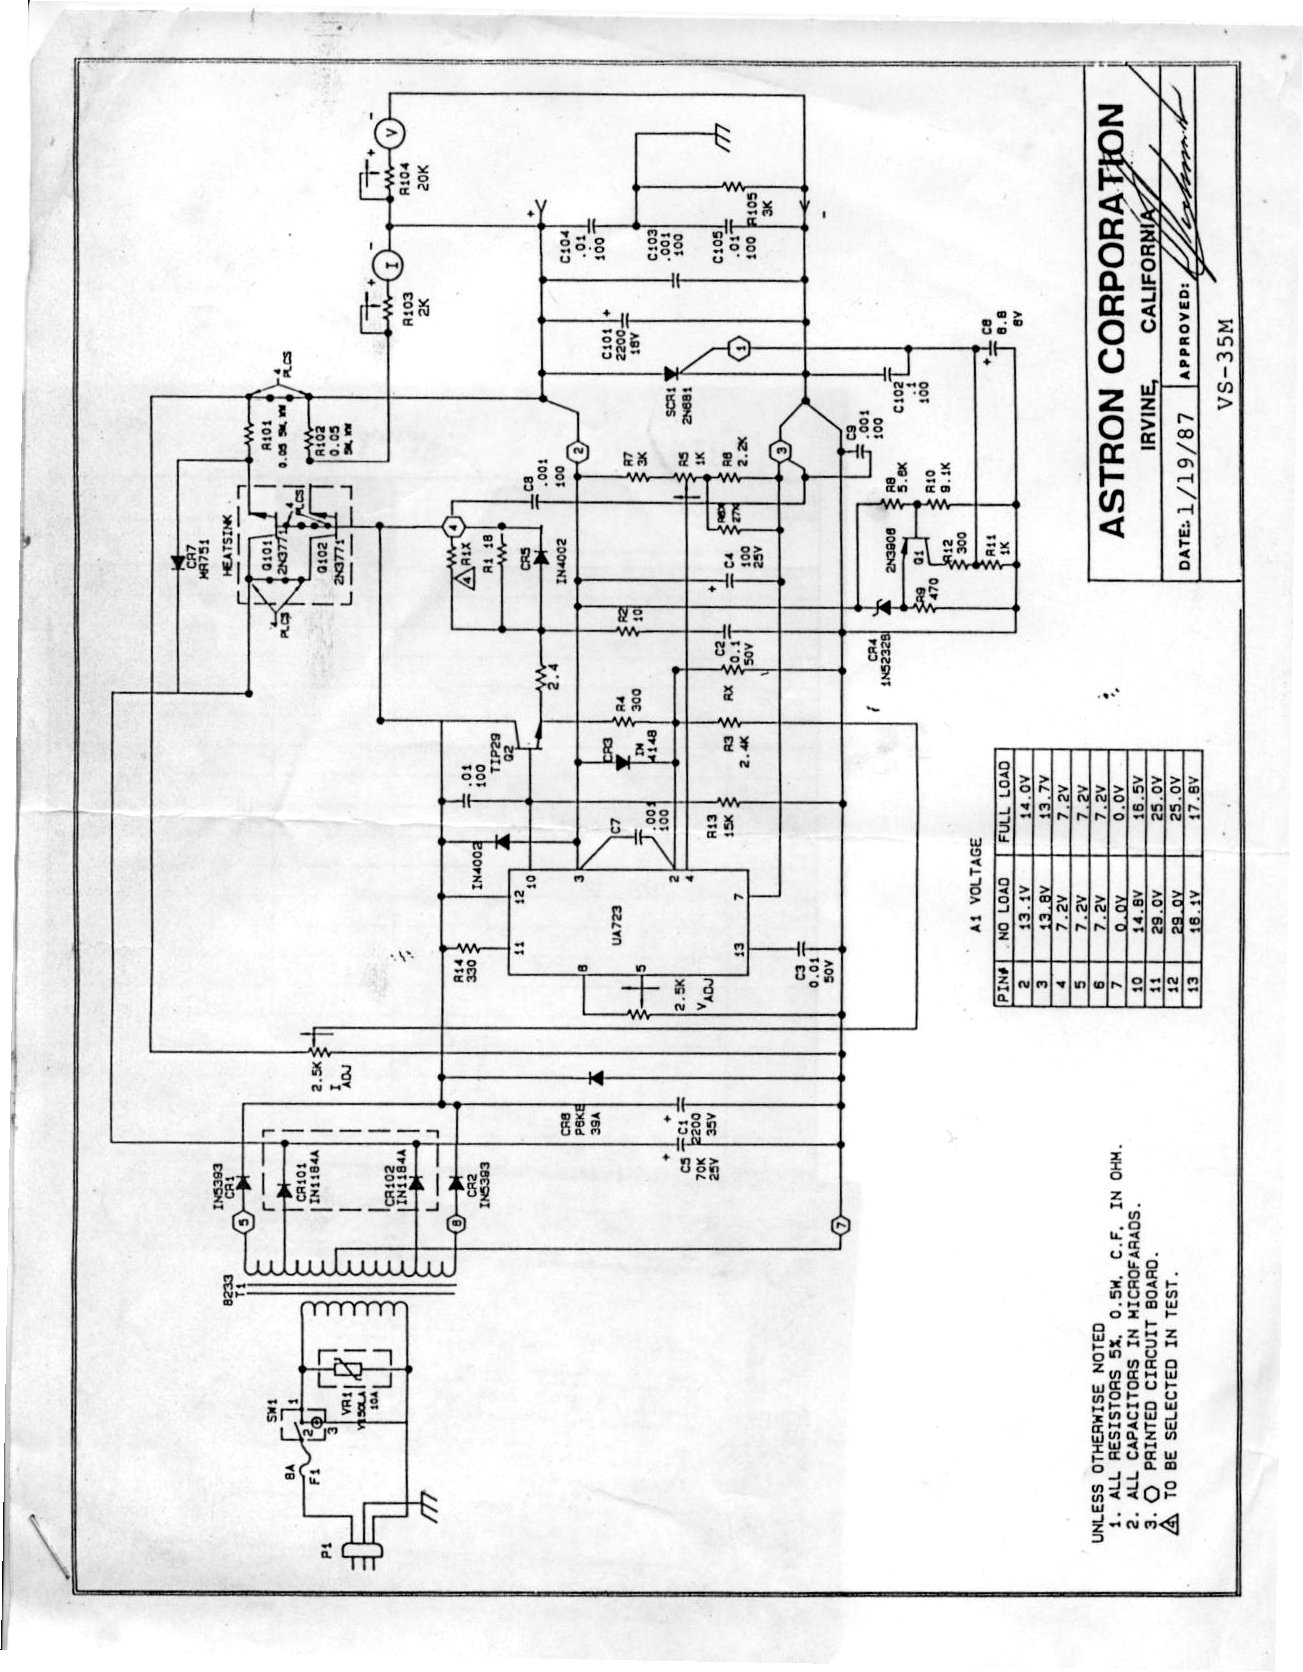 Solucionado Fuente Astron Mod Rsvs35m Reparacion De